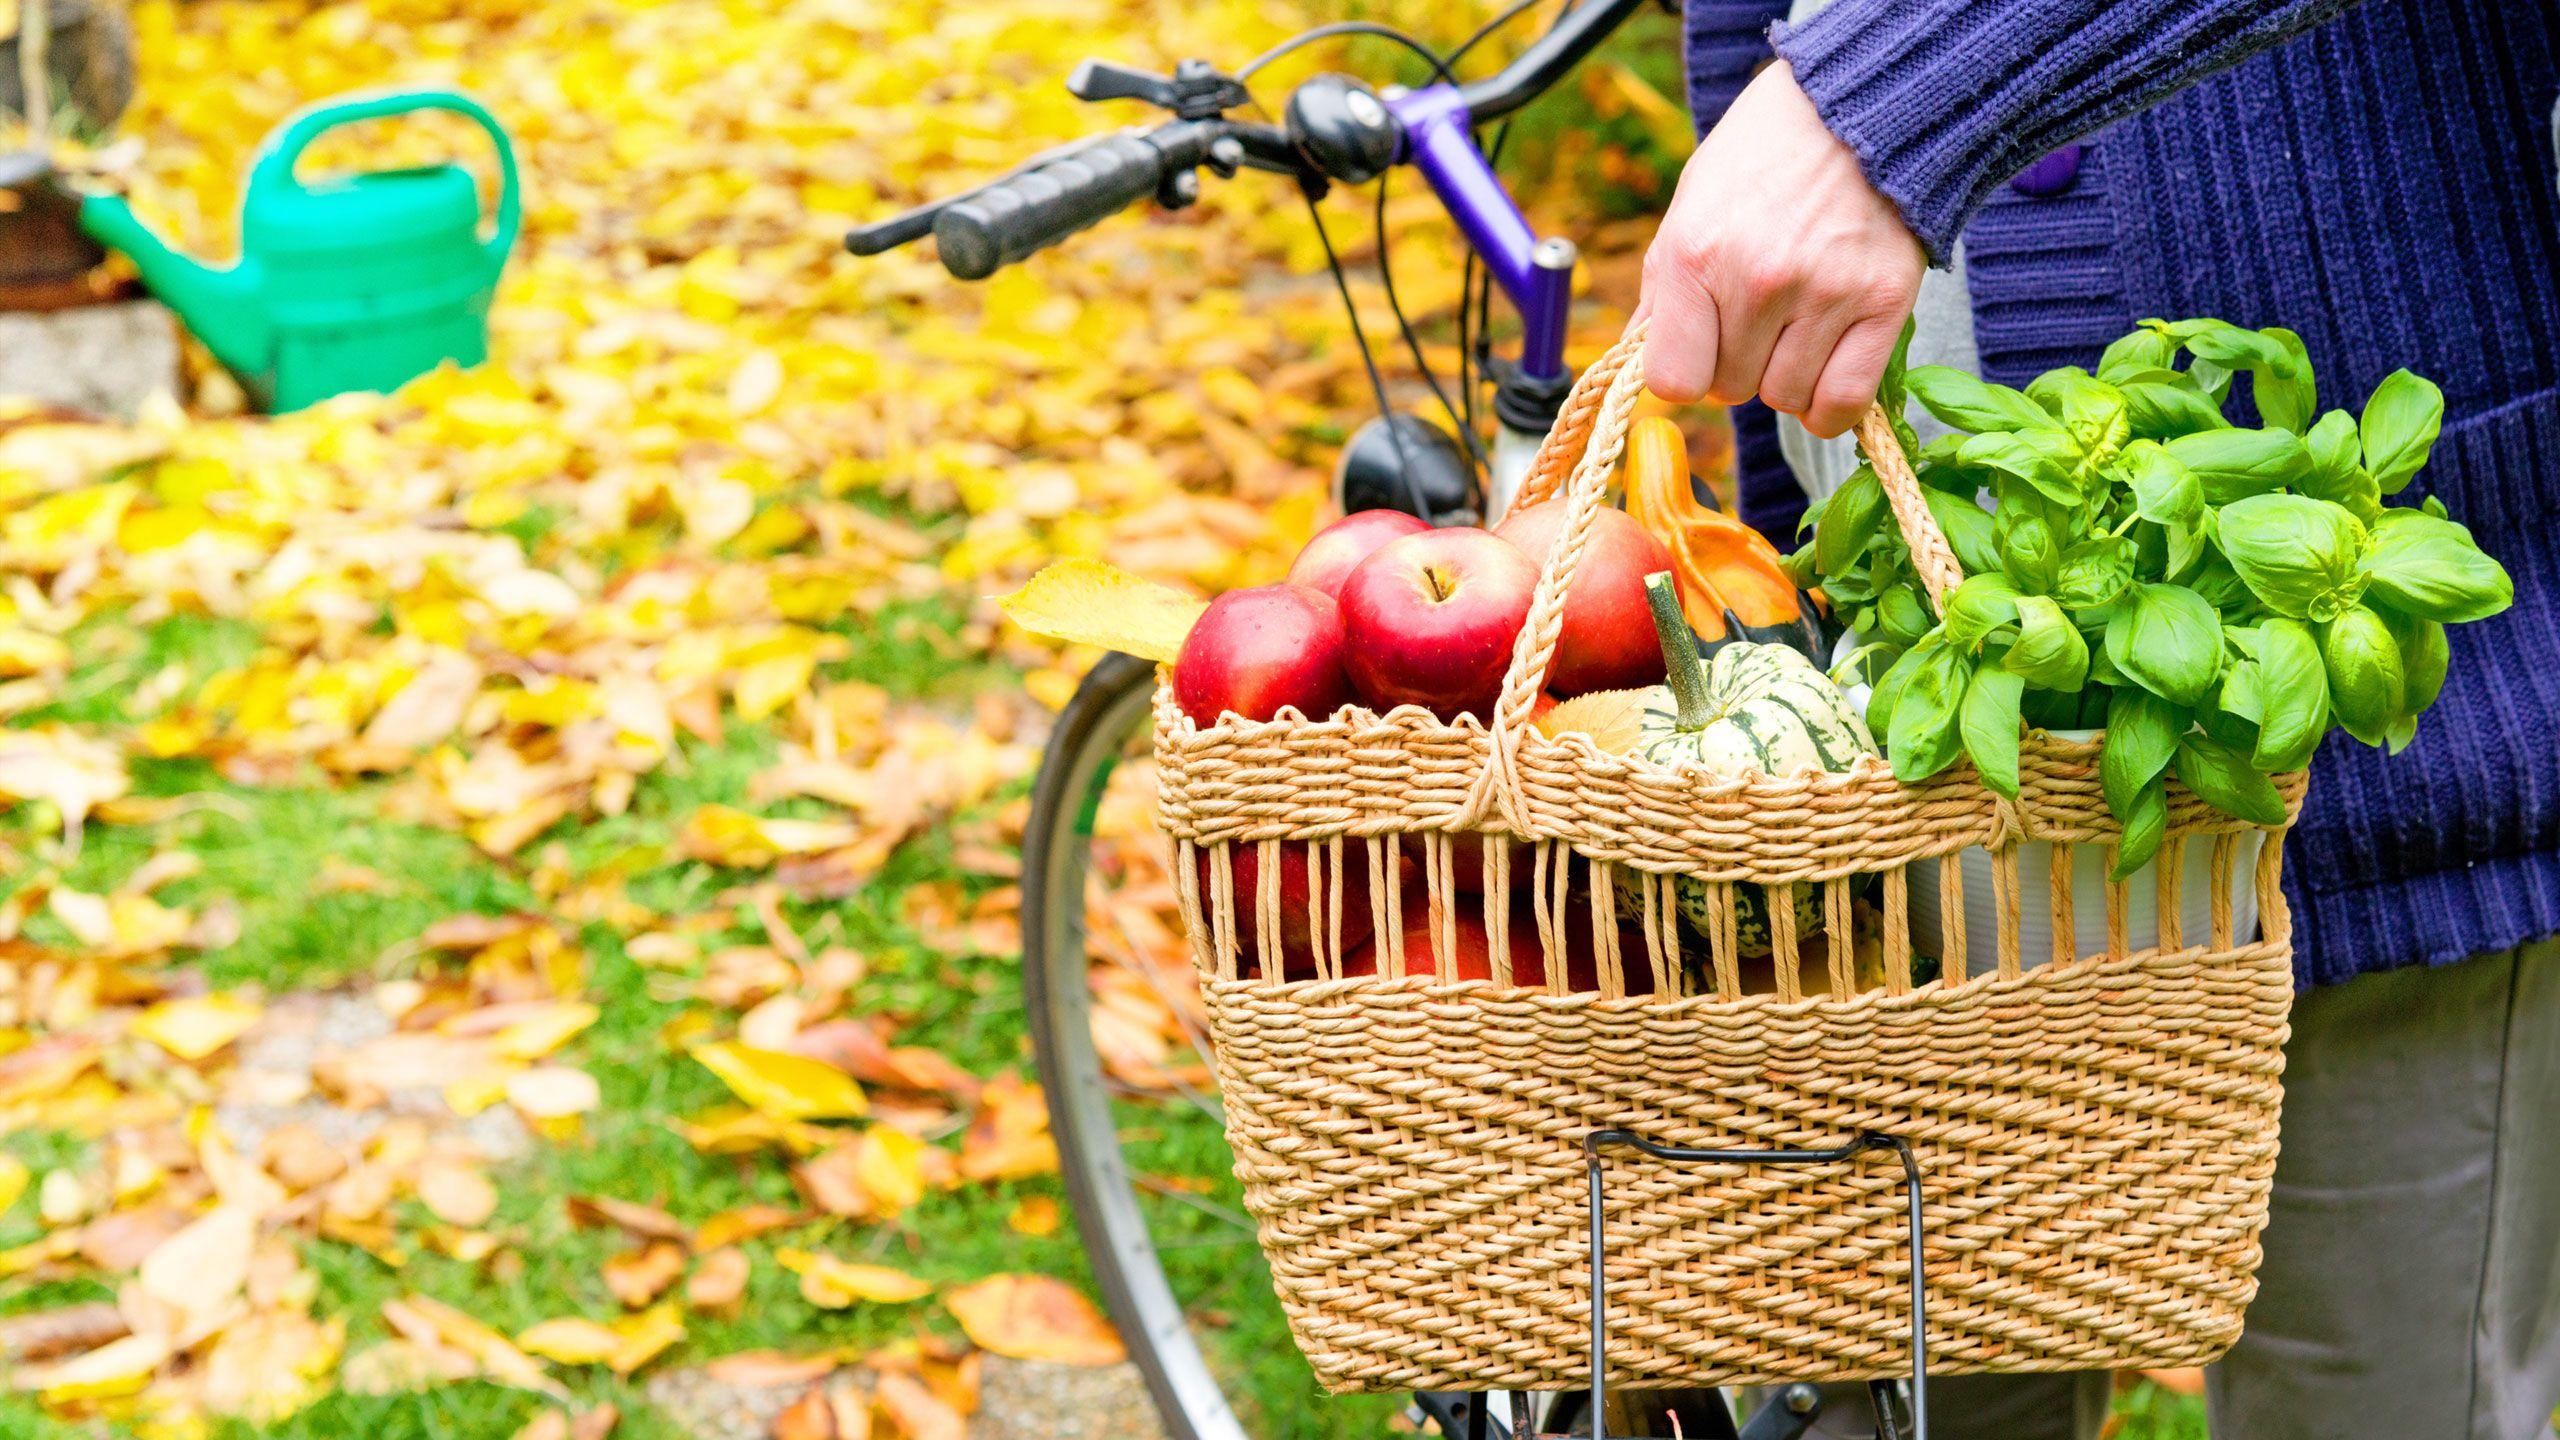 The Cheapest, Freshest Produce for Each Season